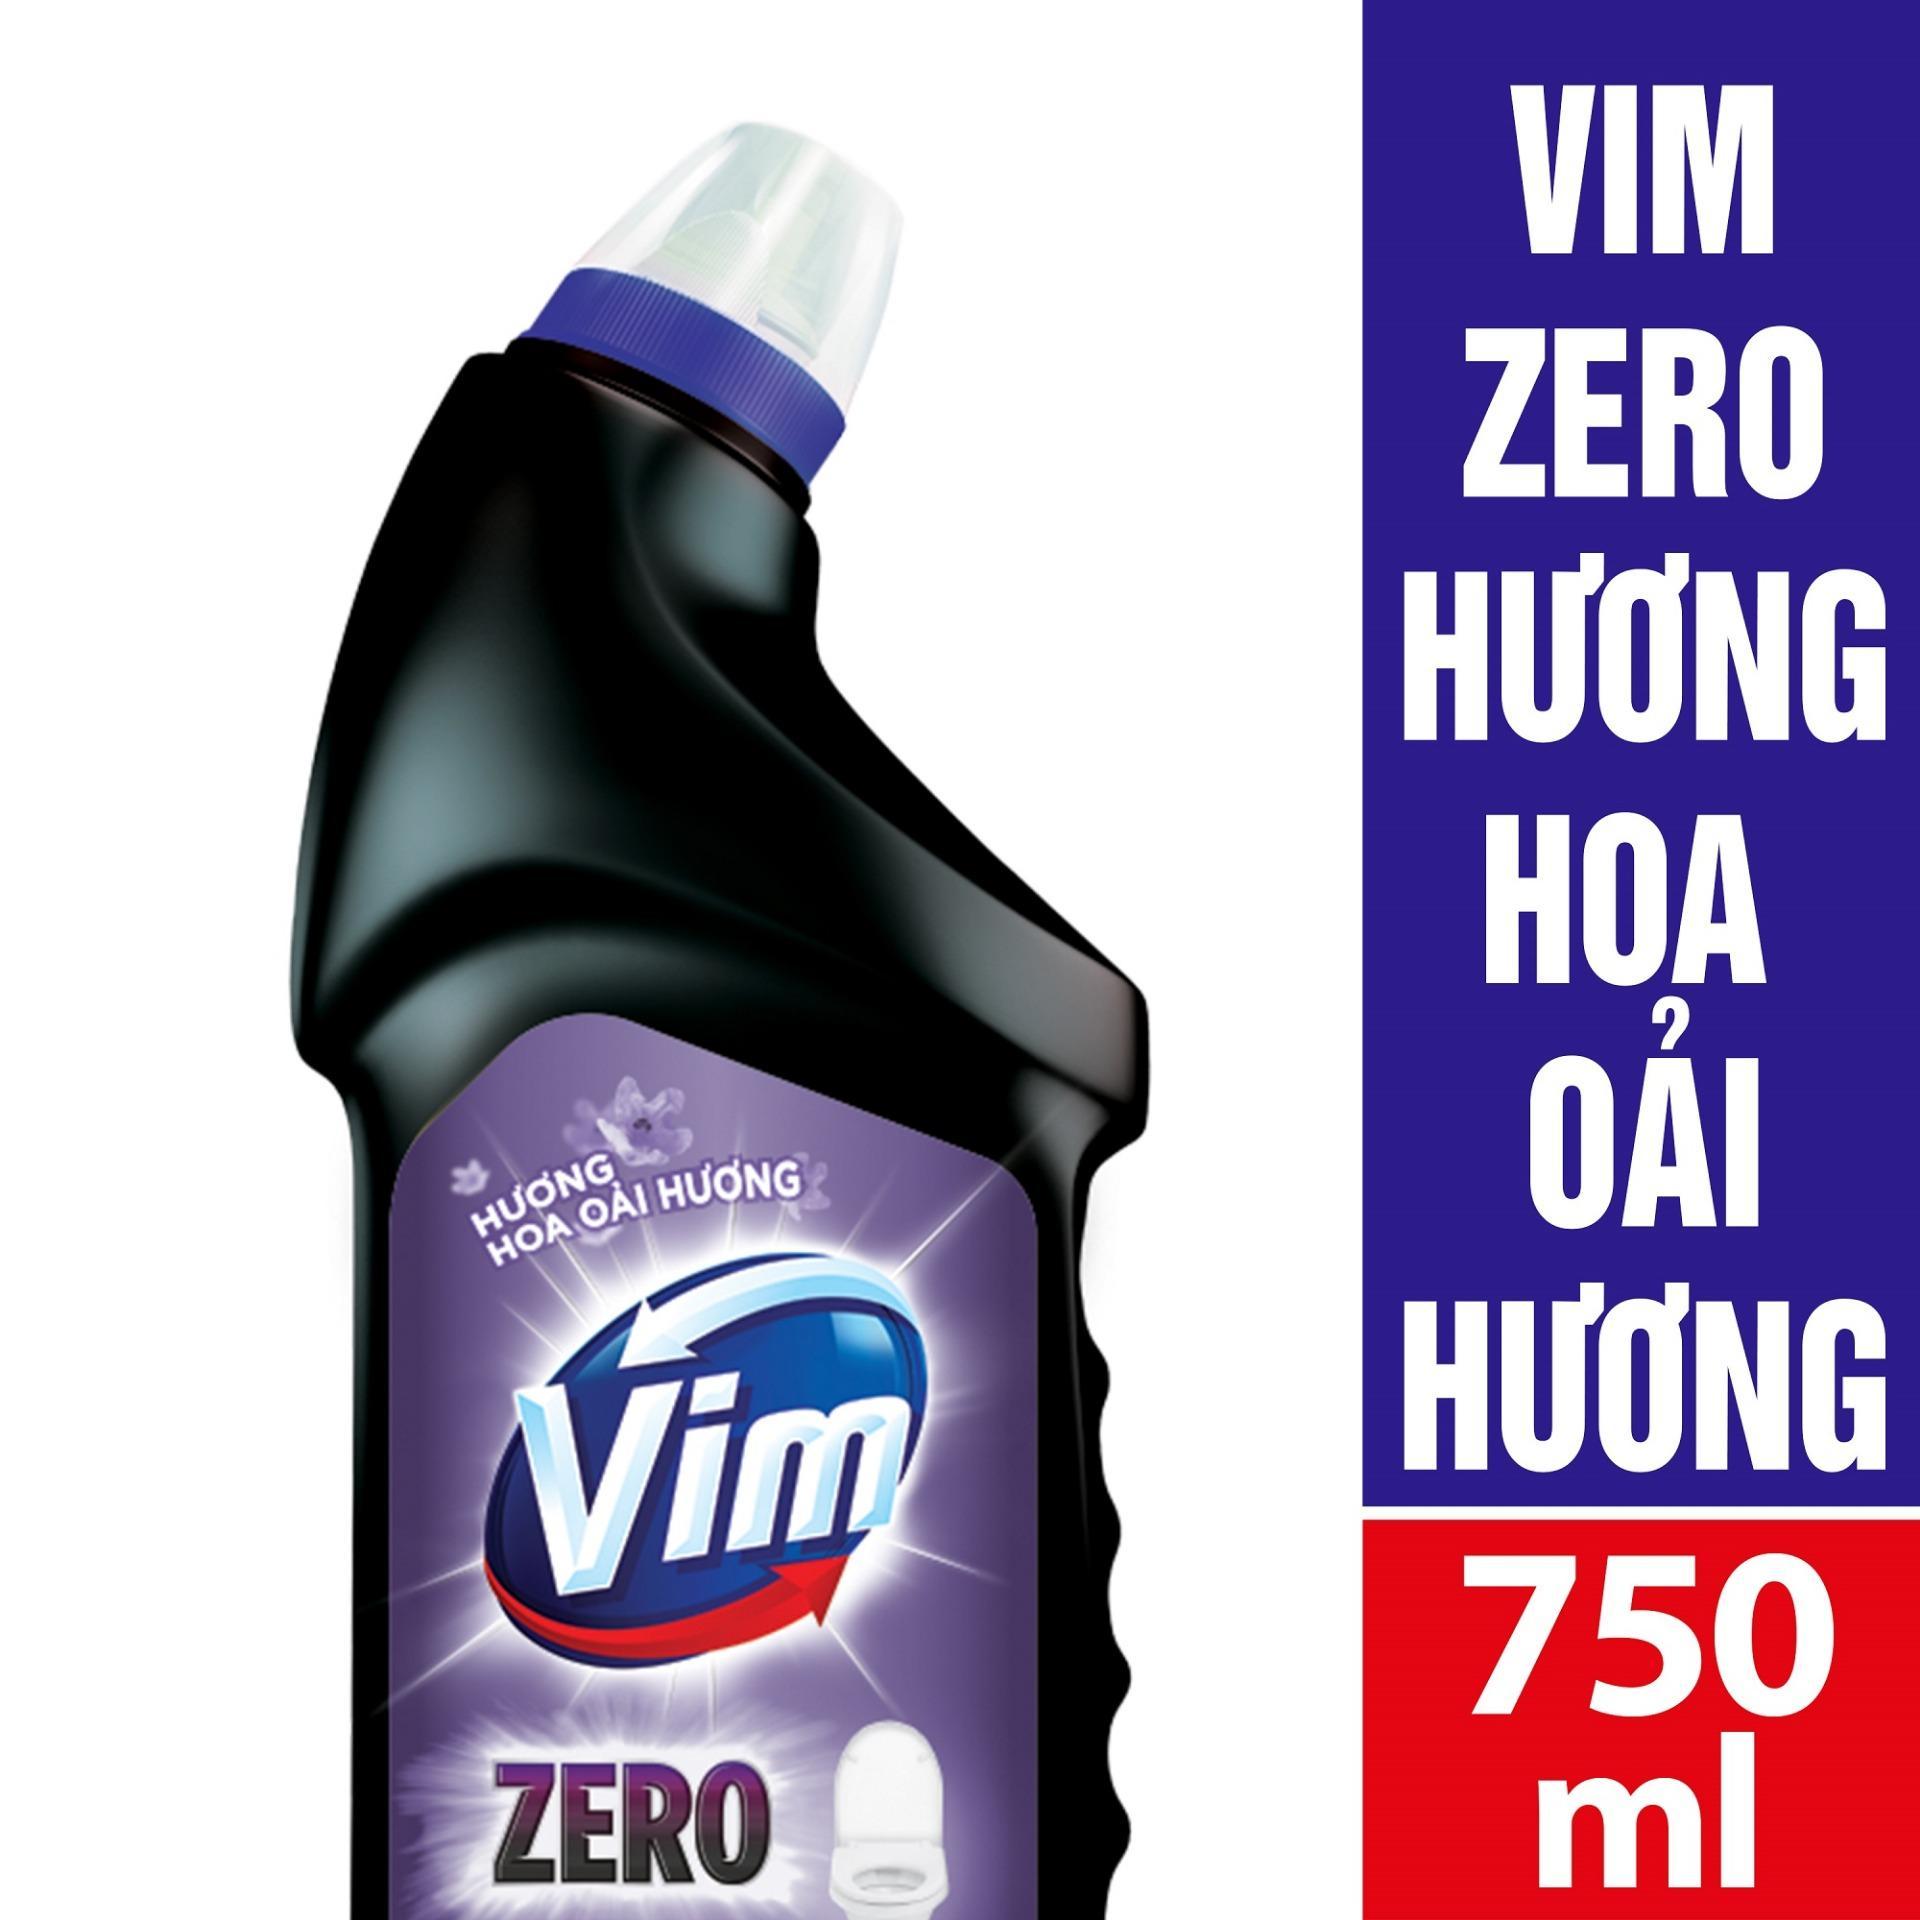 CHẤT TẨY RỬA BỒN CẦU VIM ZERO 750ML HƯƠNG HOA OẢI HƯƠNG